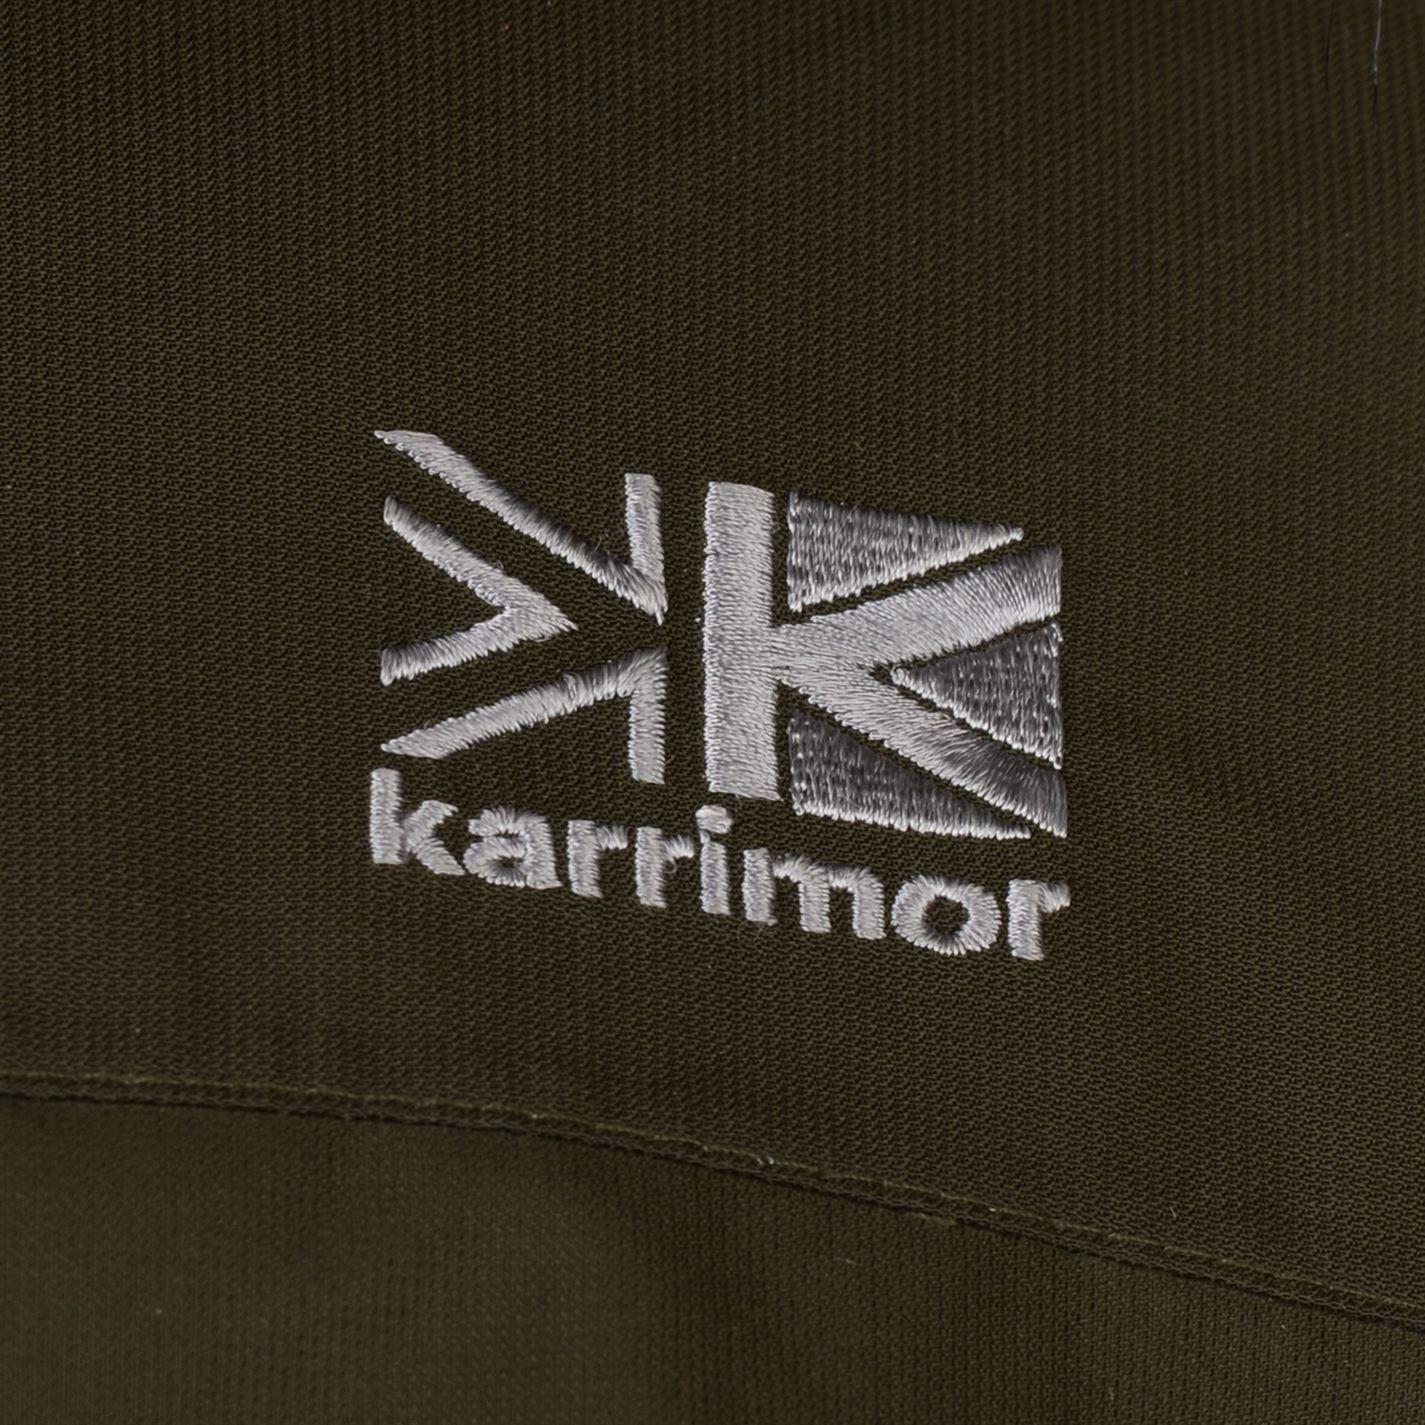 Karrimor-Herren-Parka-Jacke-Mantel-Oberteil-Chin-Guard-High-Neck-Hooded-Zip-voll-warm Indexbild 10